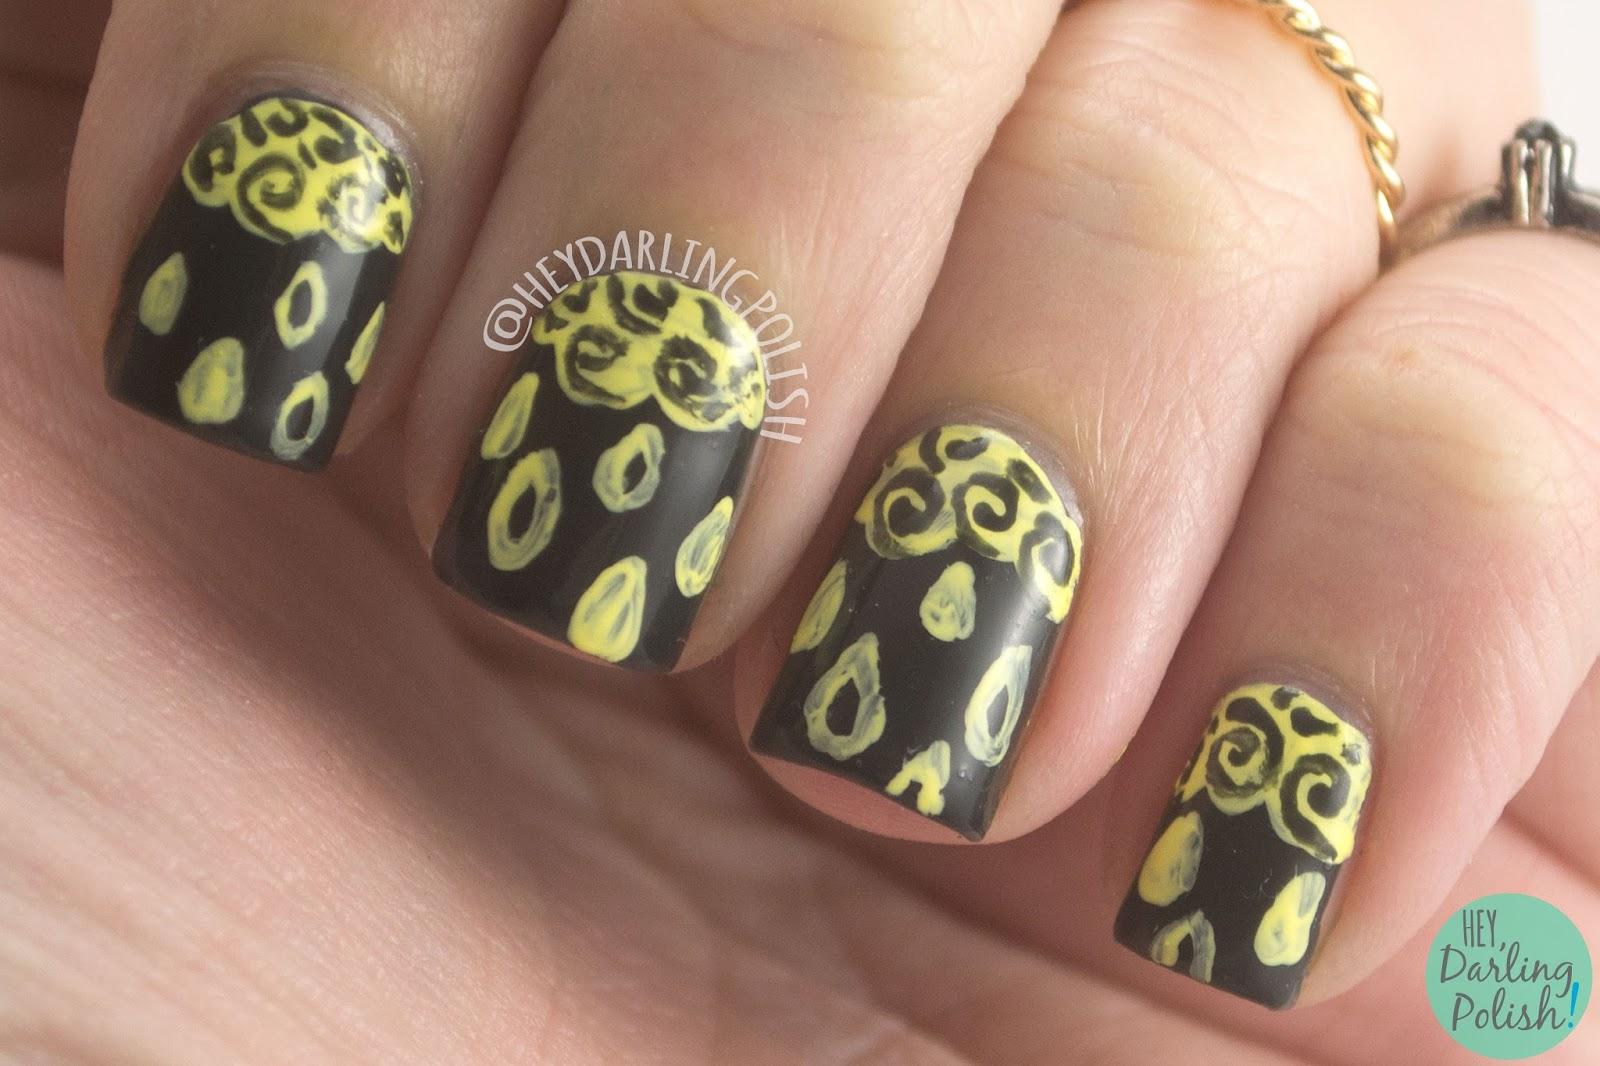 nails, nail art, nail polish, green, yellow, clouds, rain, hey darling polish, the nail art guild, weather, clouds